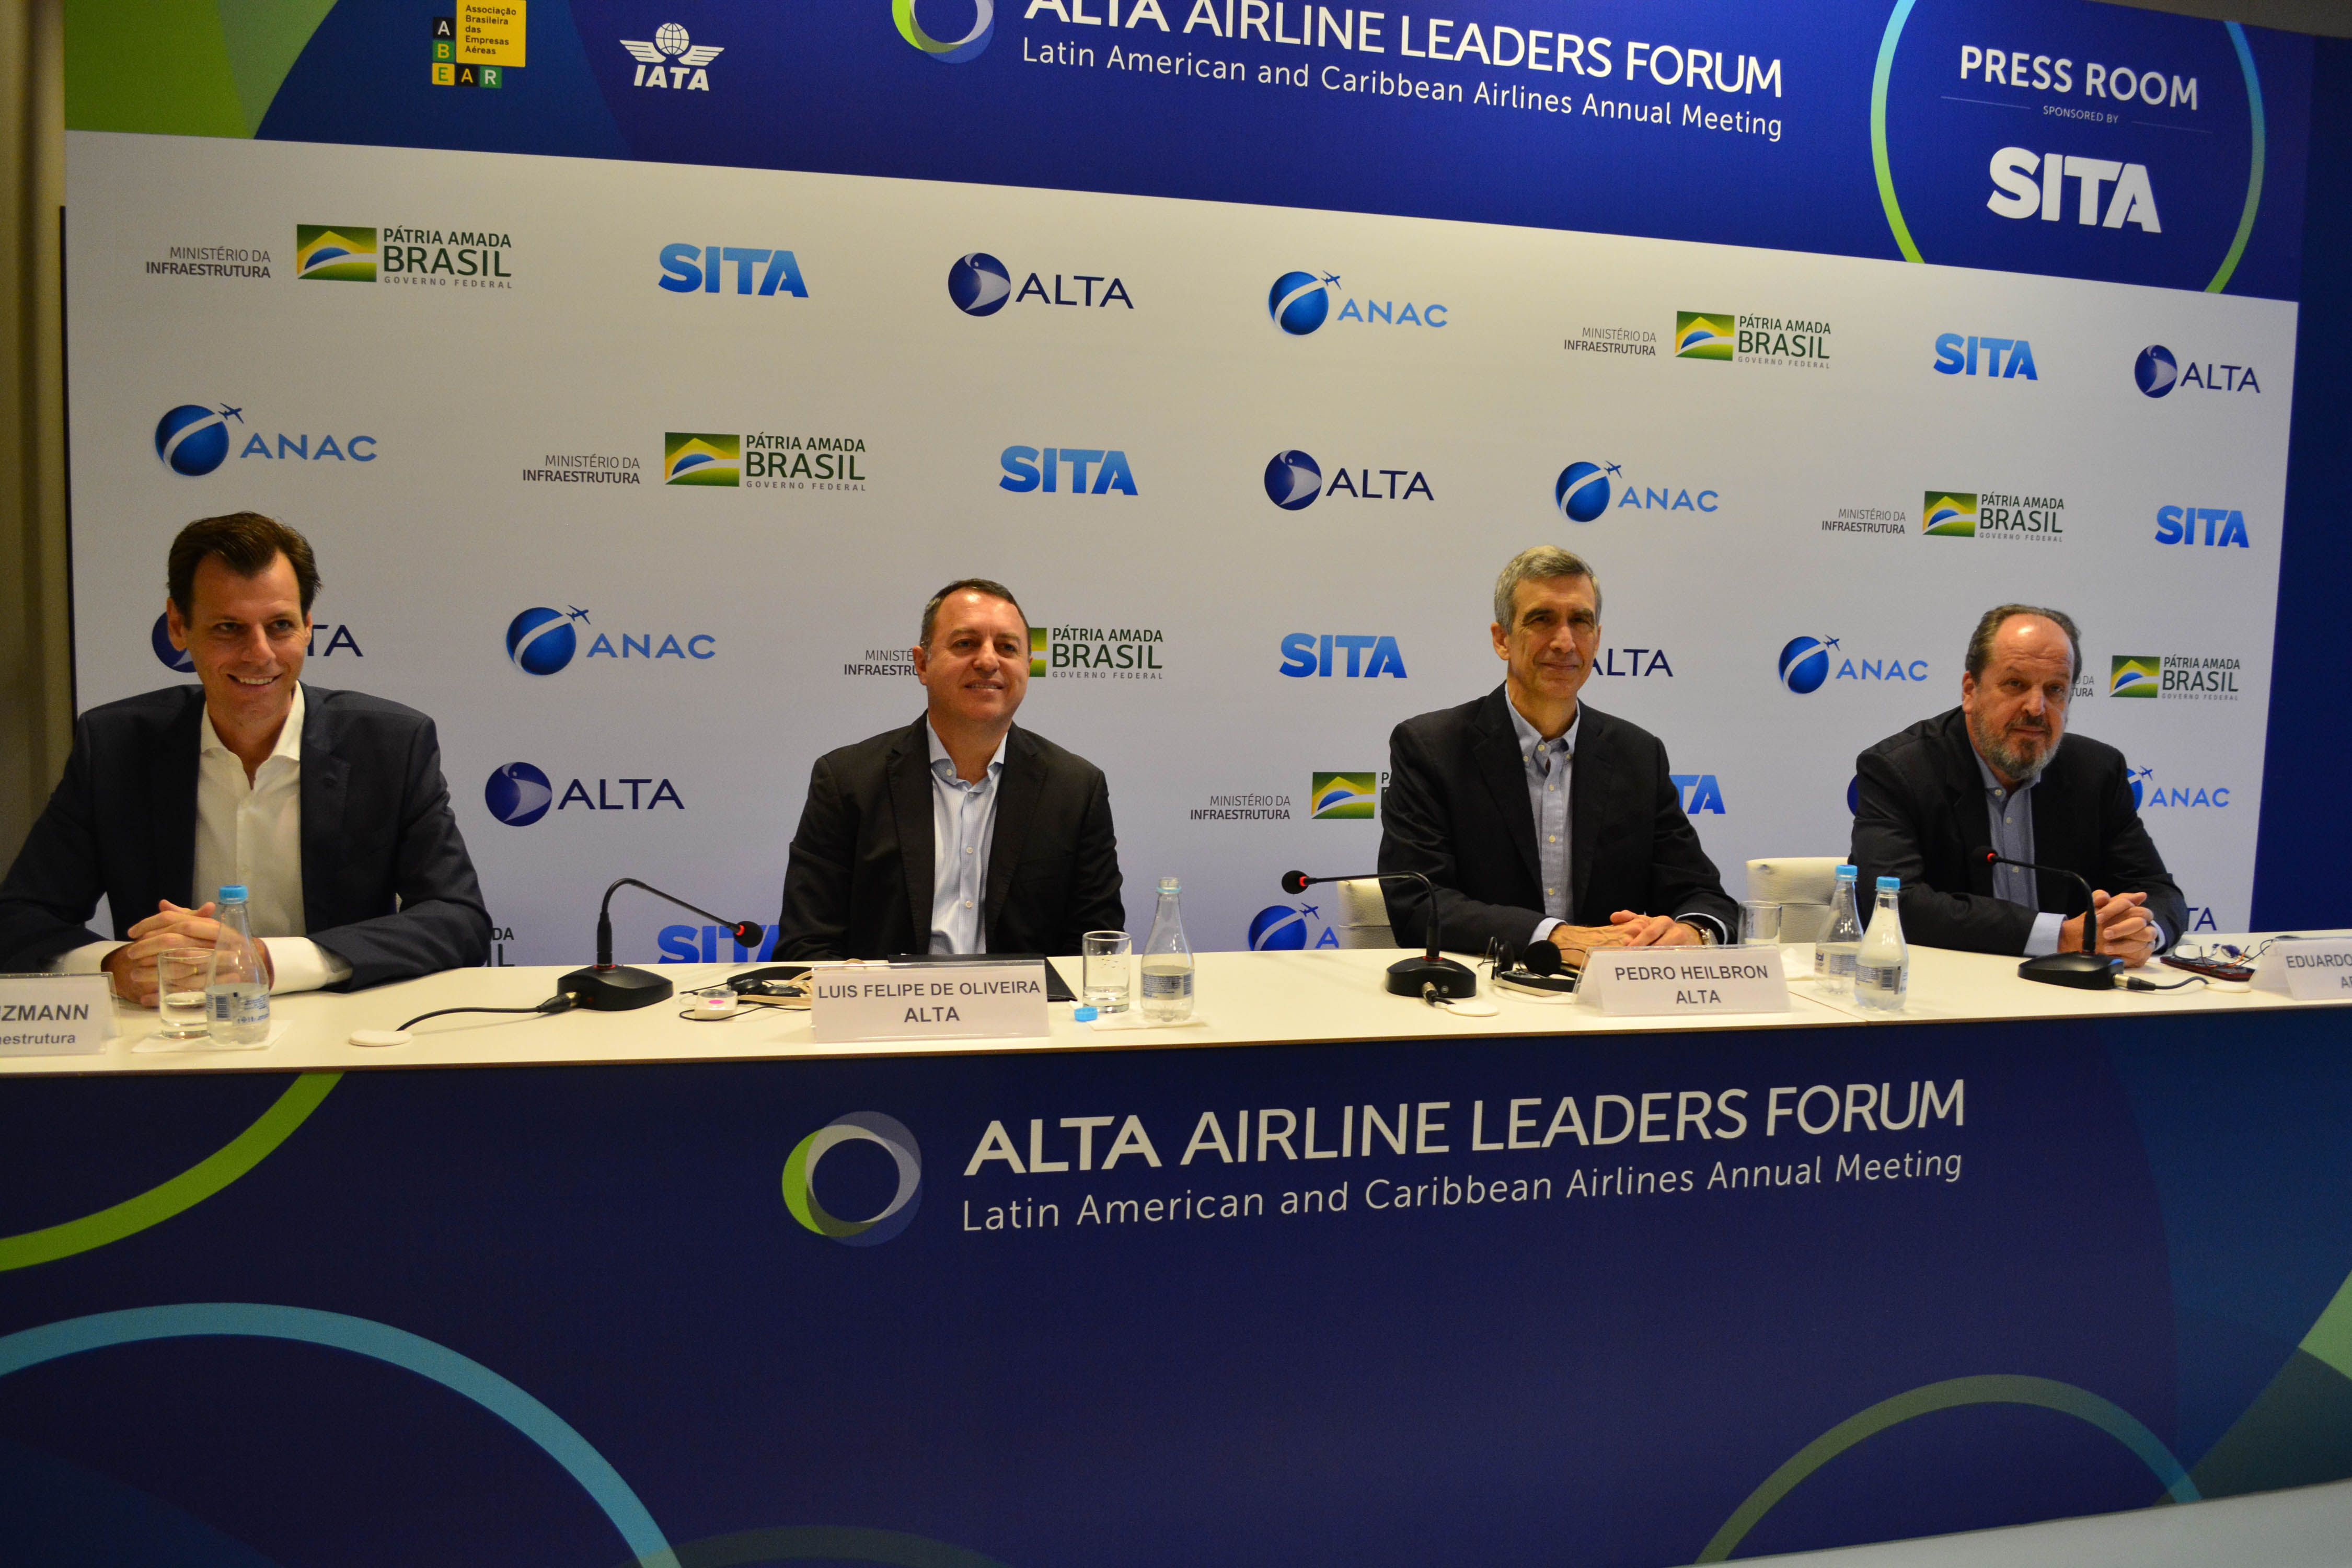 Resultado de imagen para aLTA 2019 forum